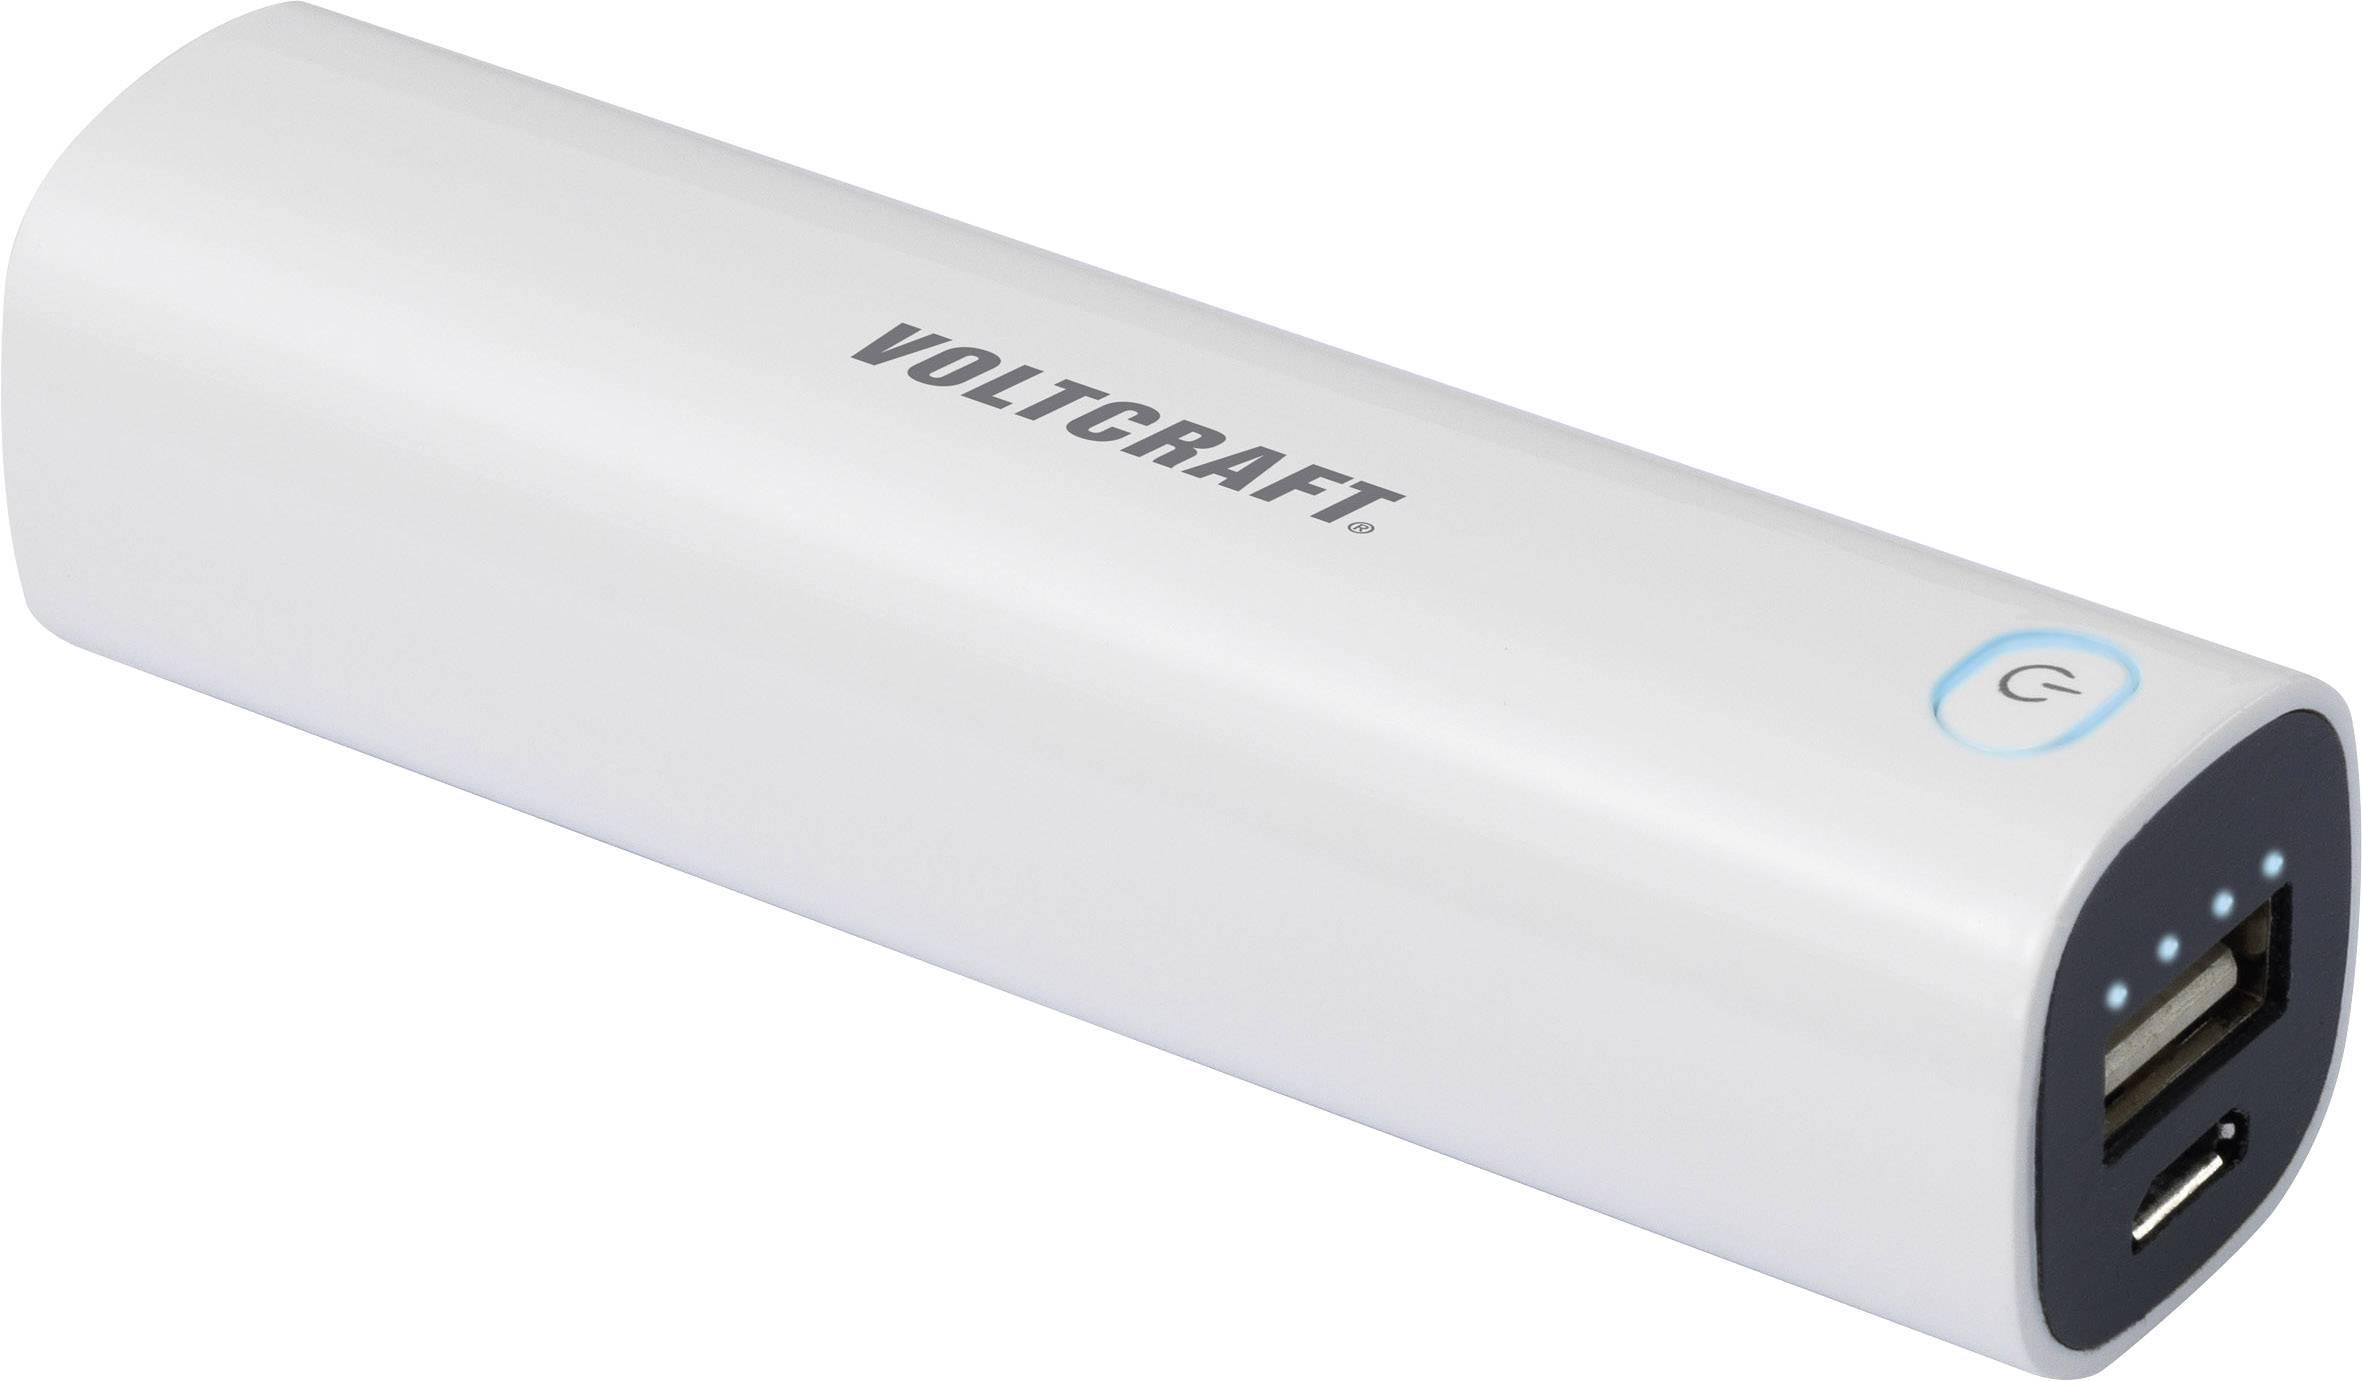 Powerbanka VOLTCRAFT PB-14, Li-Ion akumulátor 2600 mAh, bílá